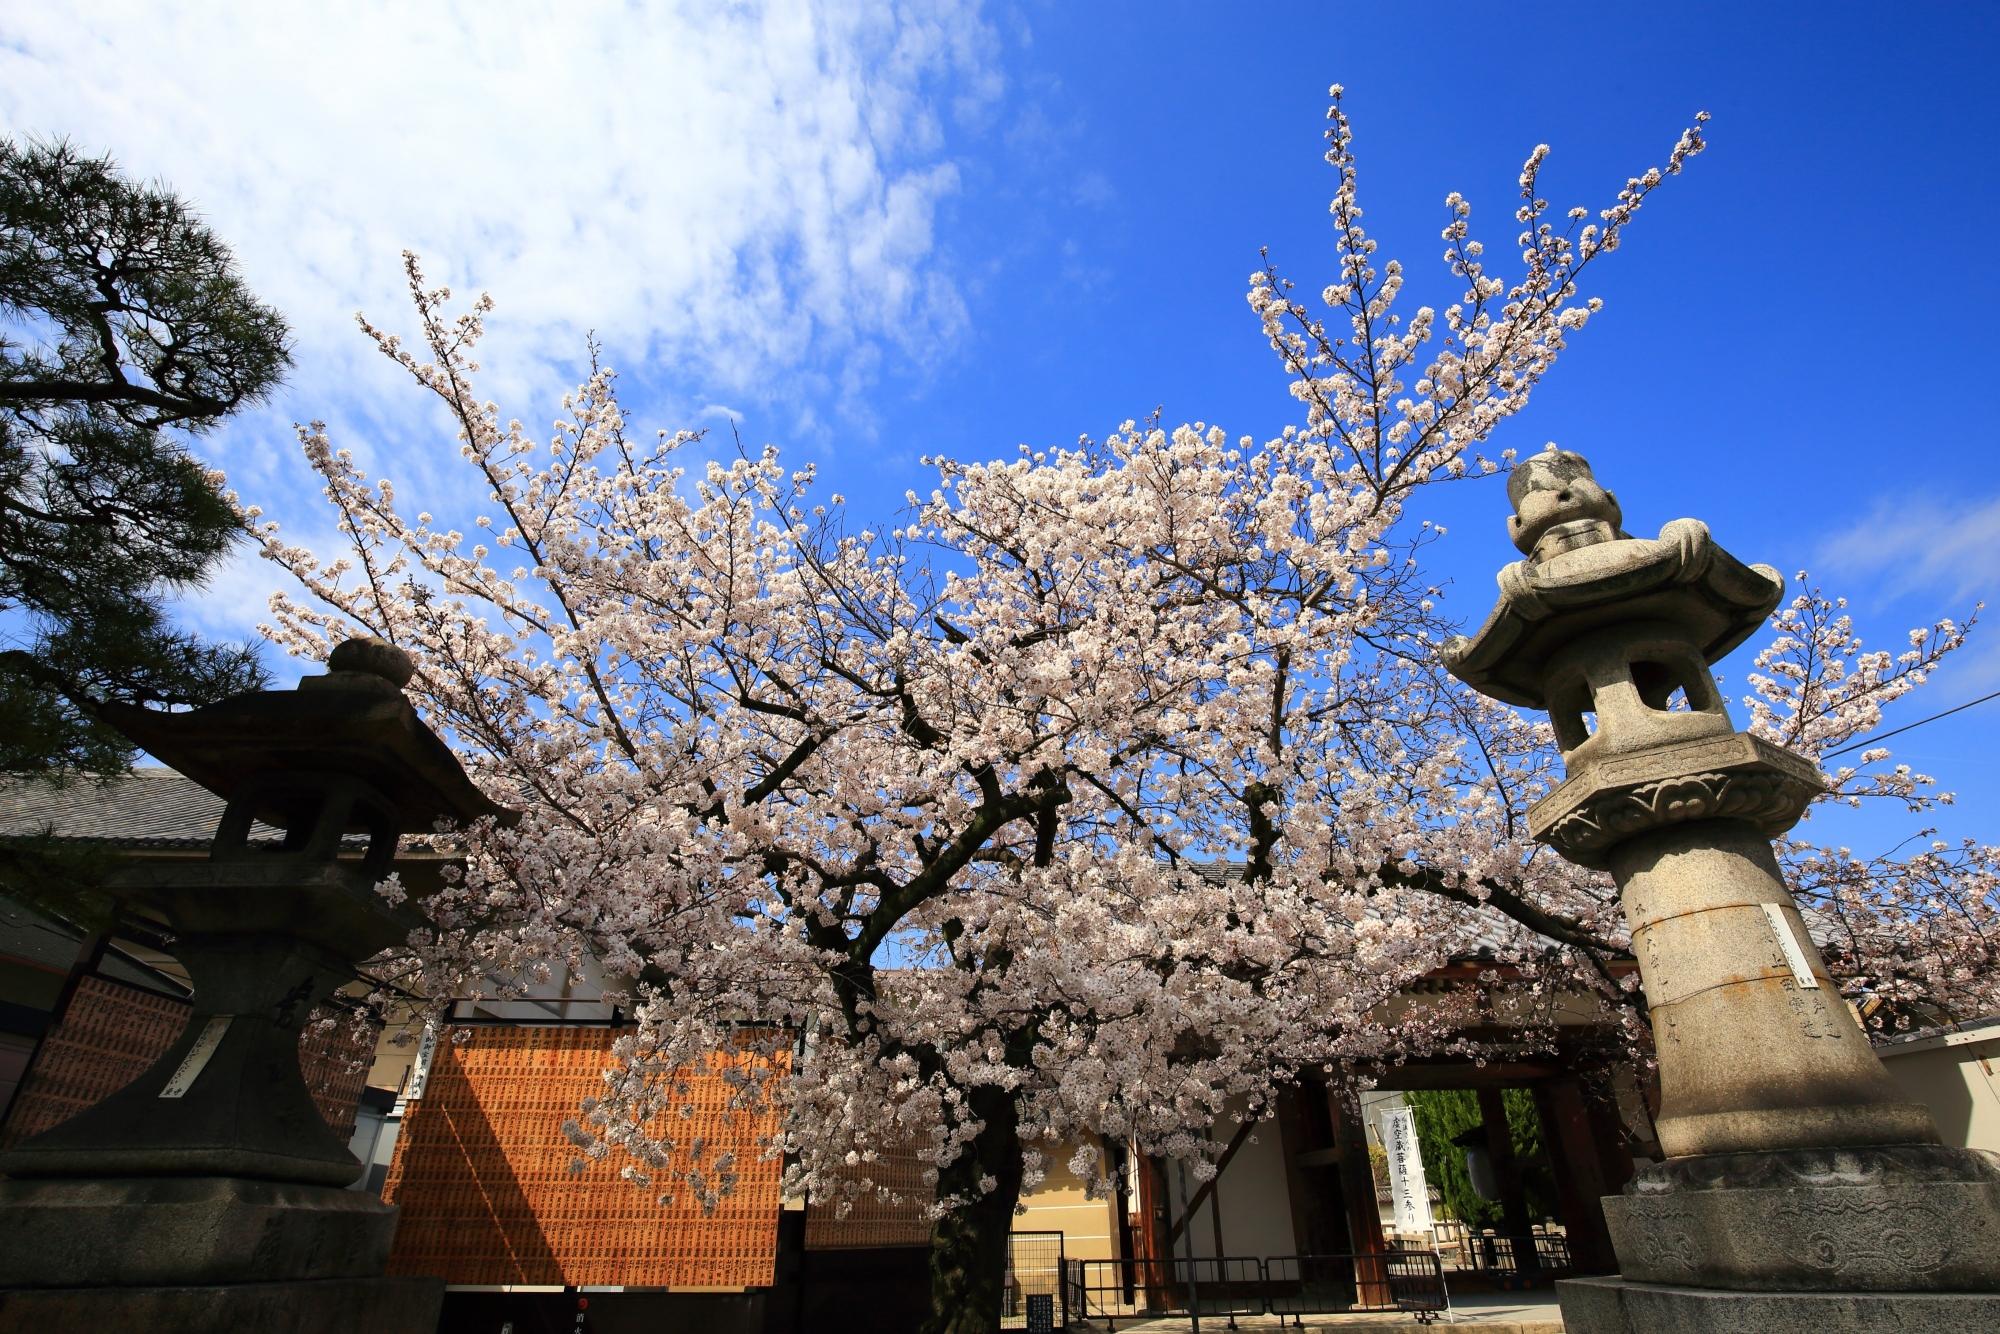 東寺の北門付近の豪快に咲く桜